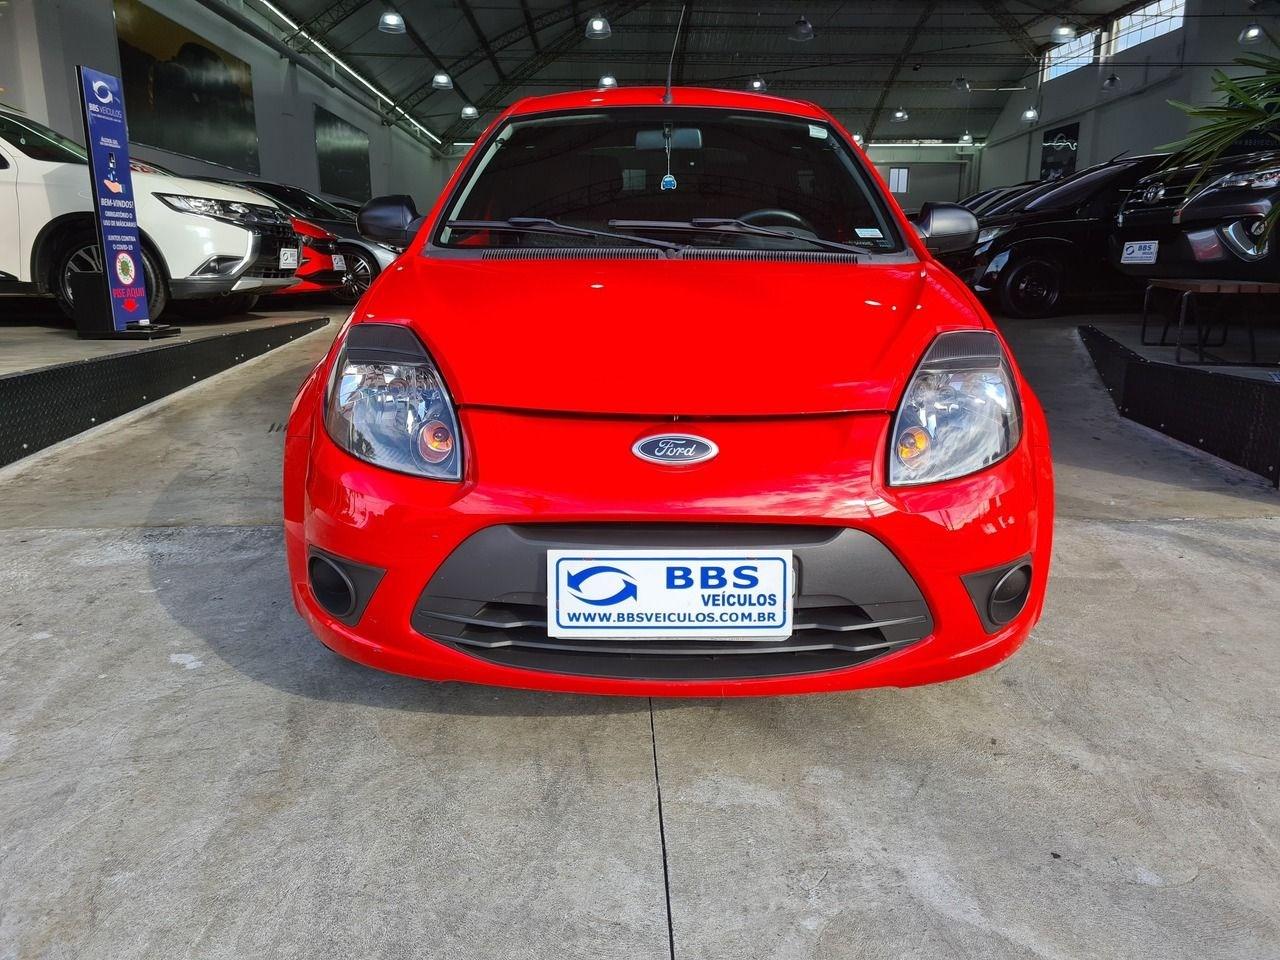 //www.autoline.com.br/carro/ford/ka-10-fly-8v-flex-2p-manual/2013/sao-paulo-sp/14040777